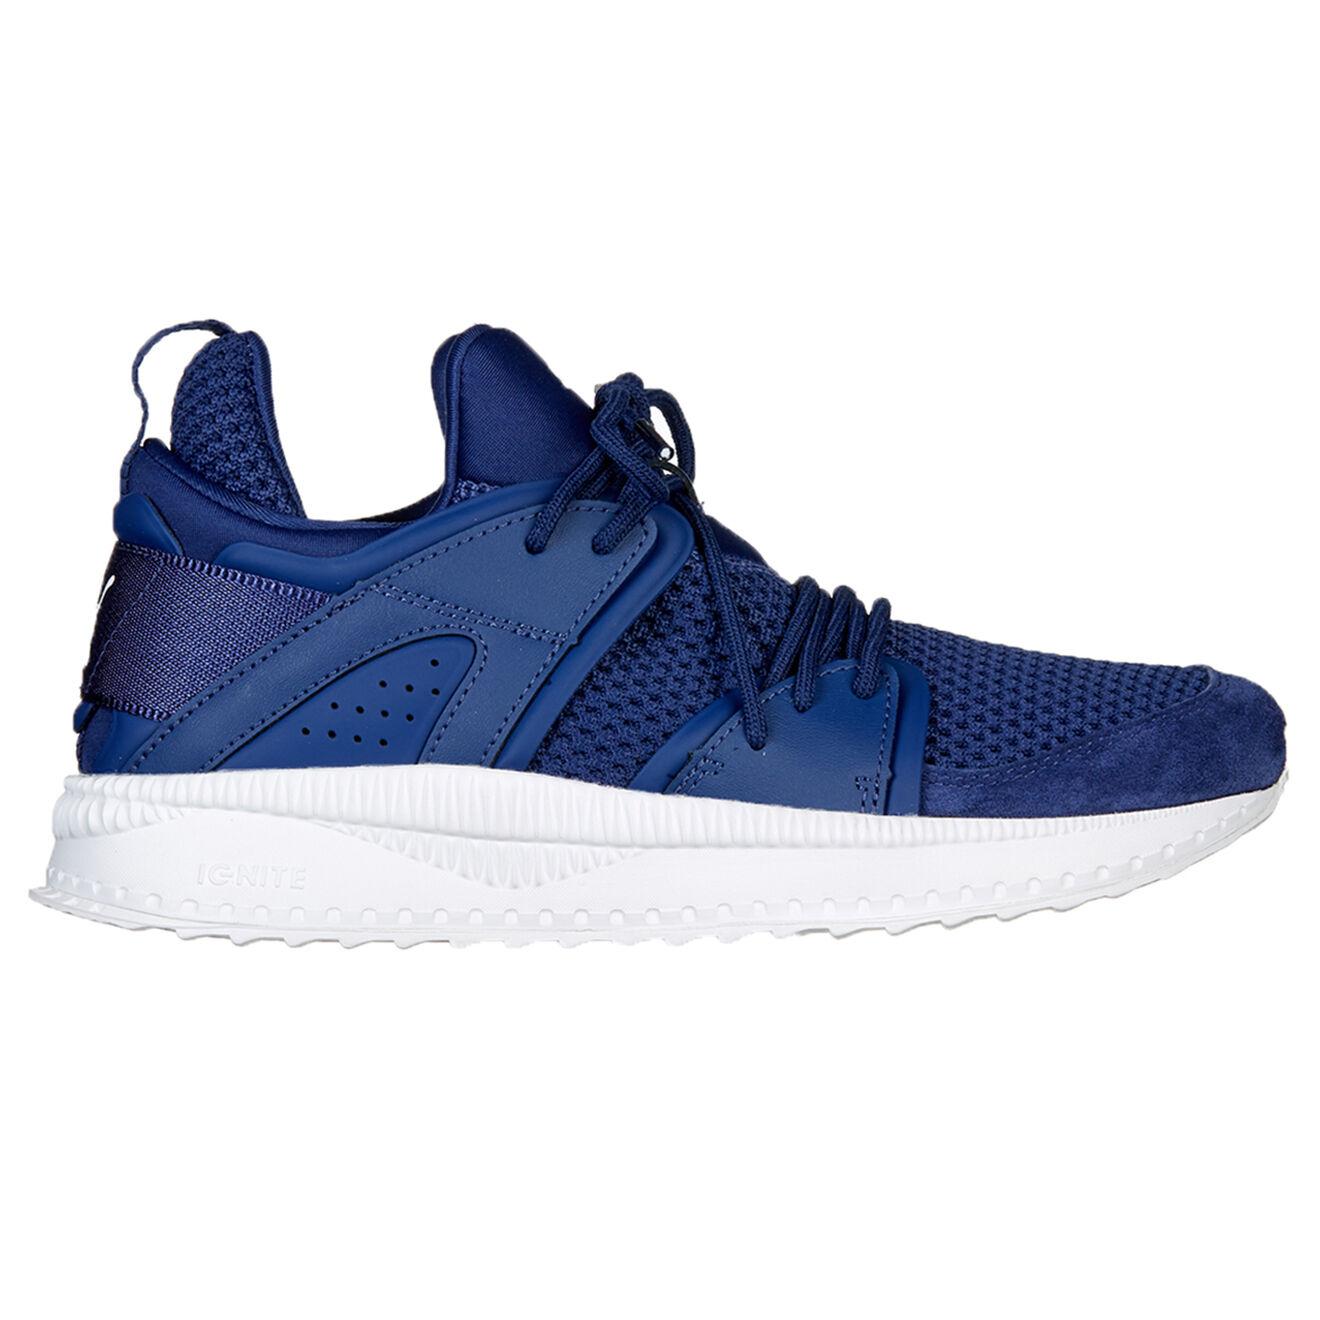 Baskets Tsugi Blaze bleues - Puma - Modalova